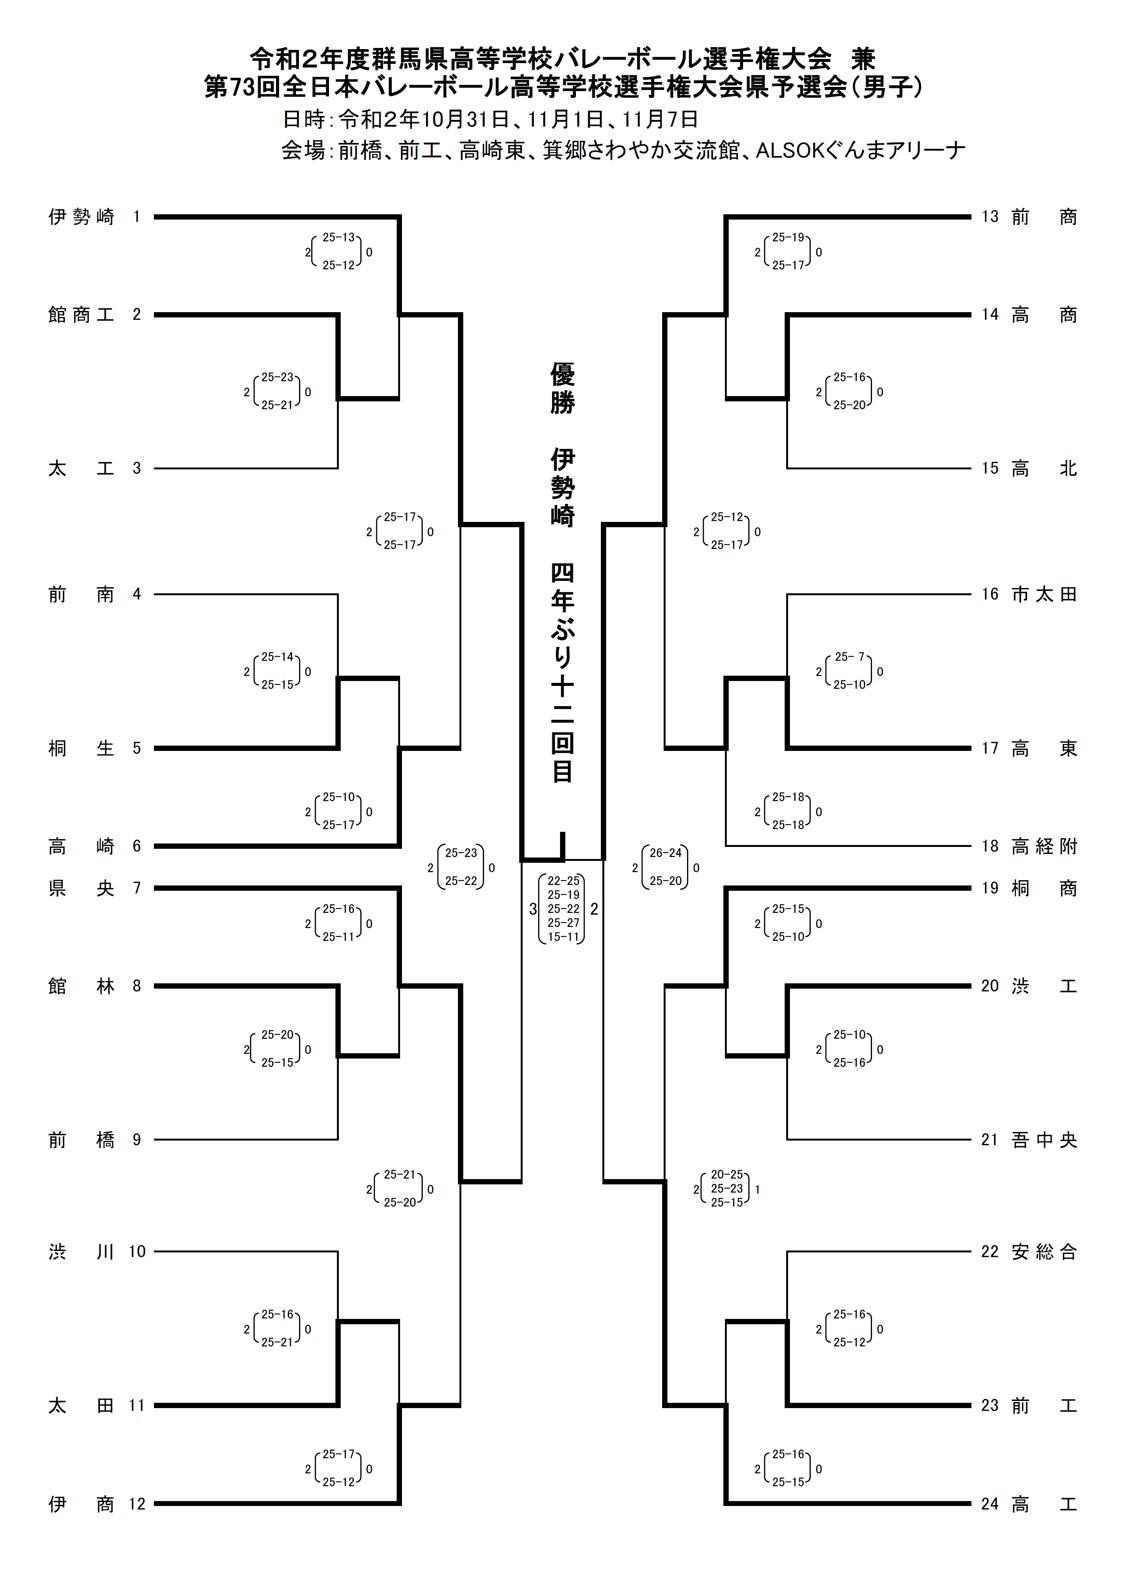 2020年度_全日本高校選手権_群馬予選_2,3次ラウンド_男子_最終結果